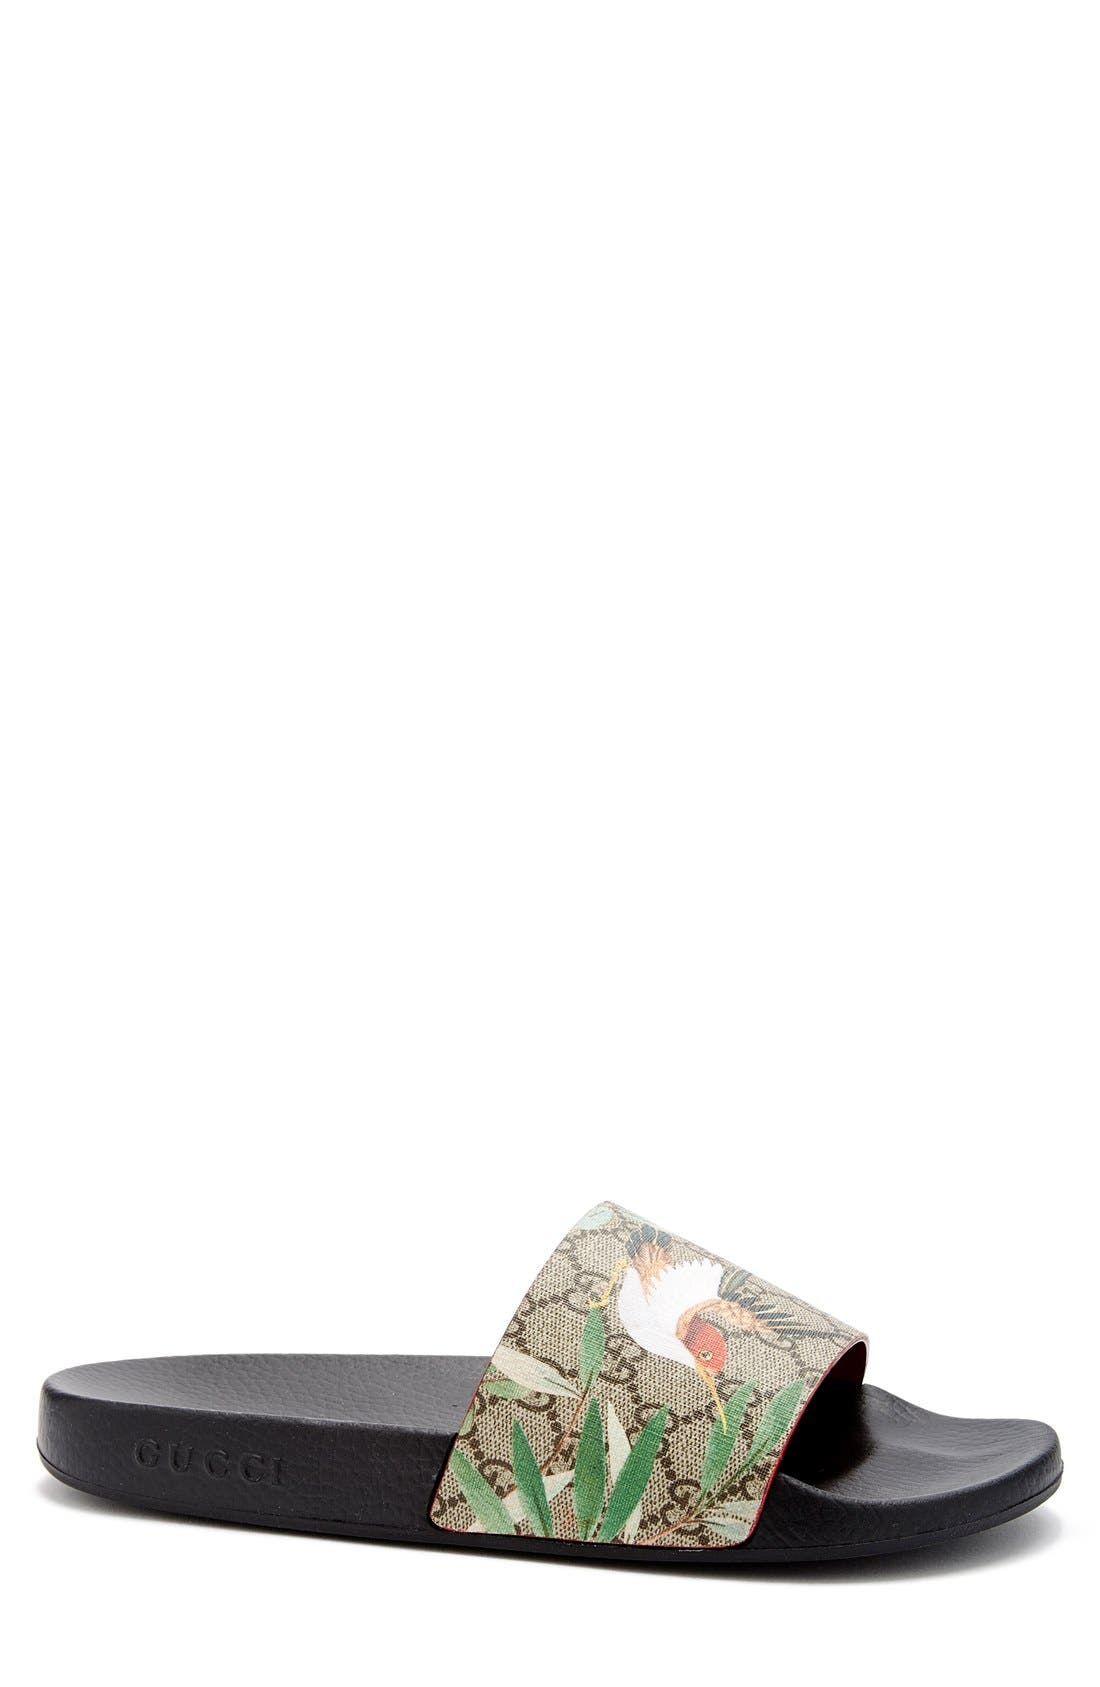 Alternate Image 1 Selected - Gucci 'Pursuit '72 Slide' Sandal (Men)